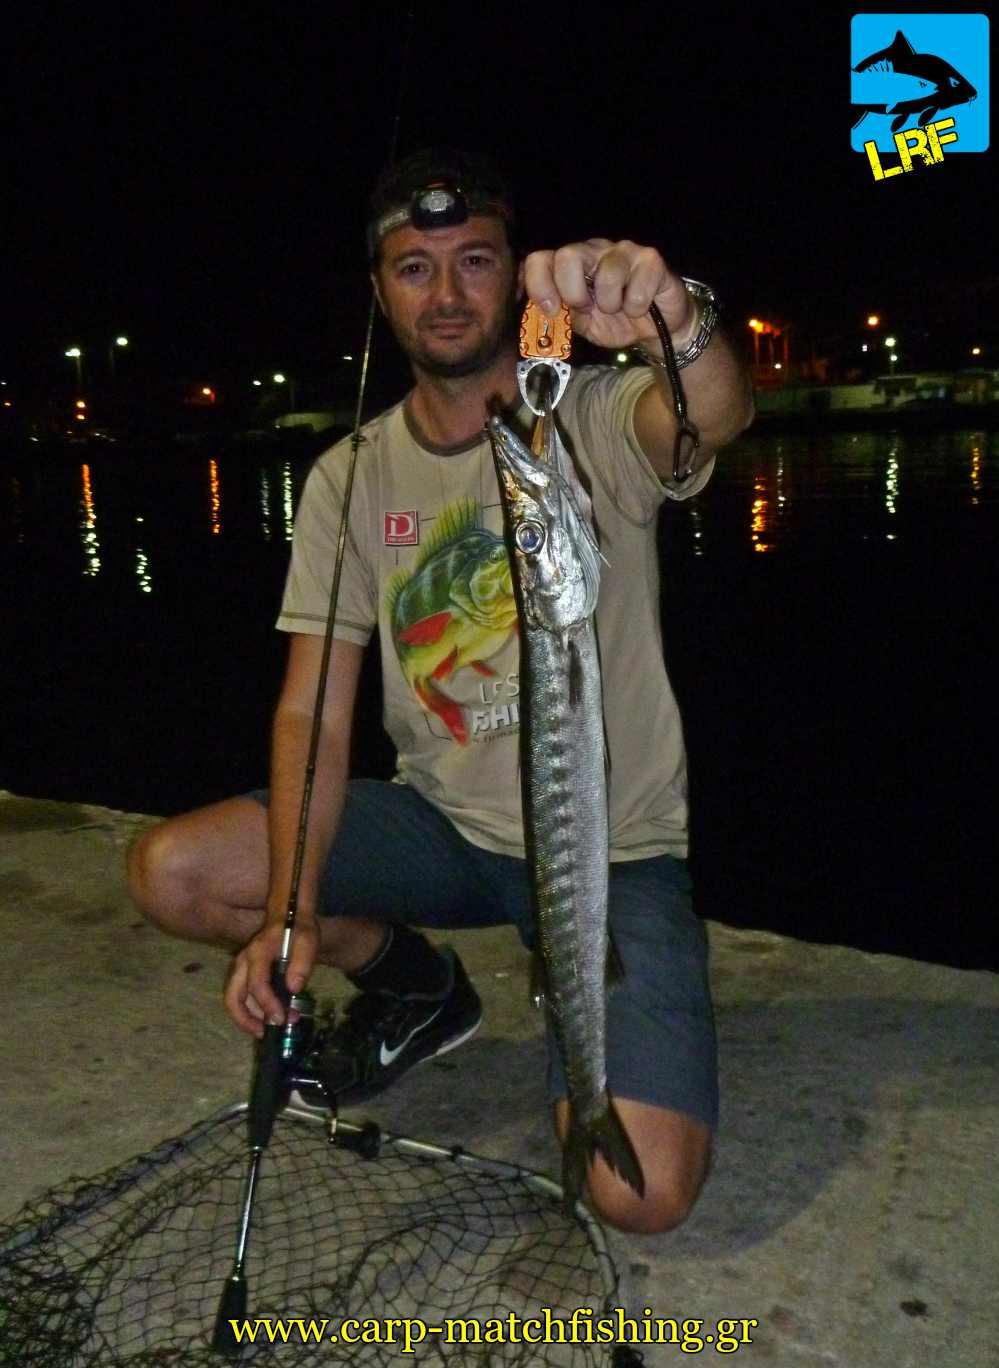 loutsoi sto light rock fishing lrf silikones sfaltos dragon sonik rockchamp carpmatchfishing